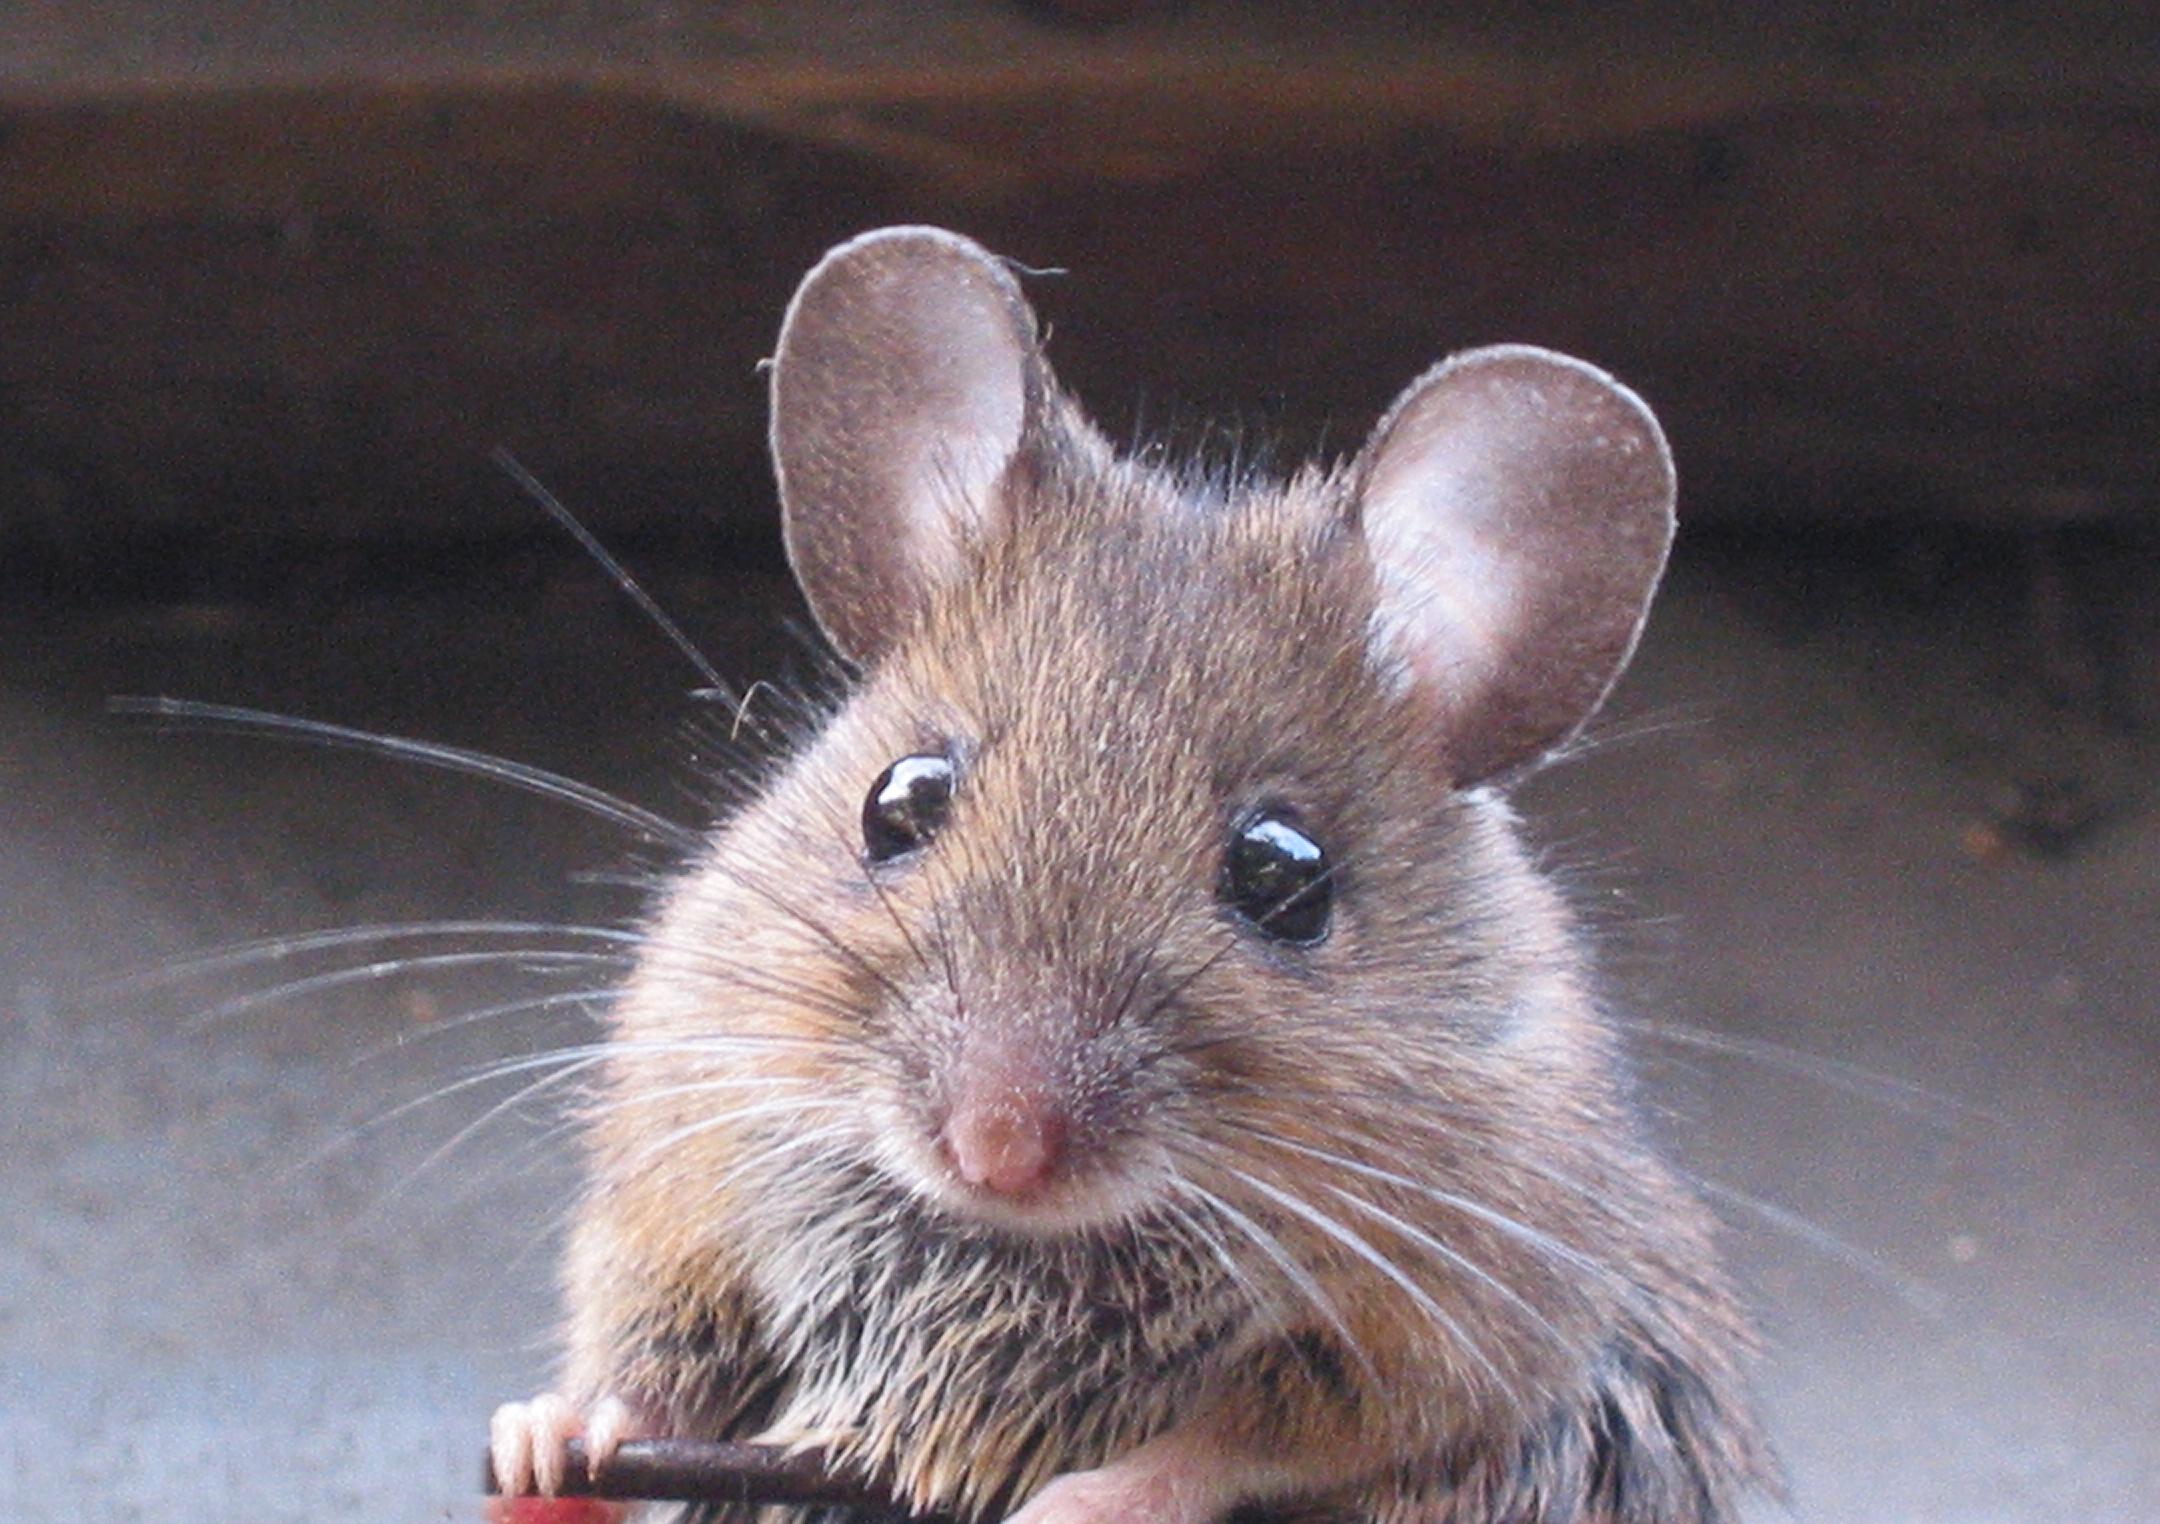 tengo ratones en mi casa qué hago